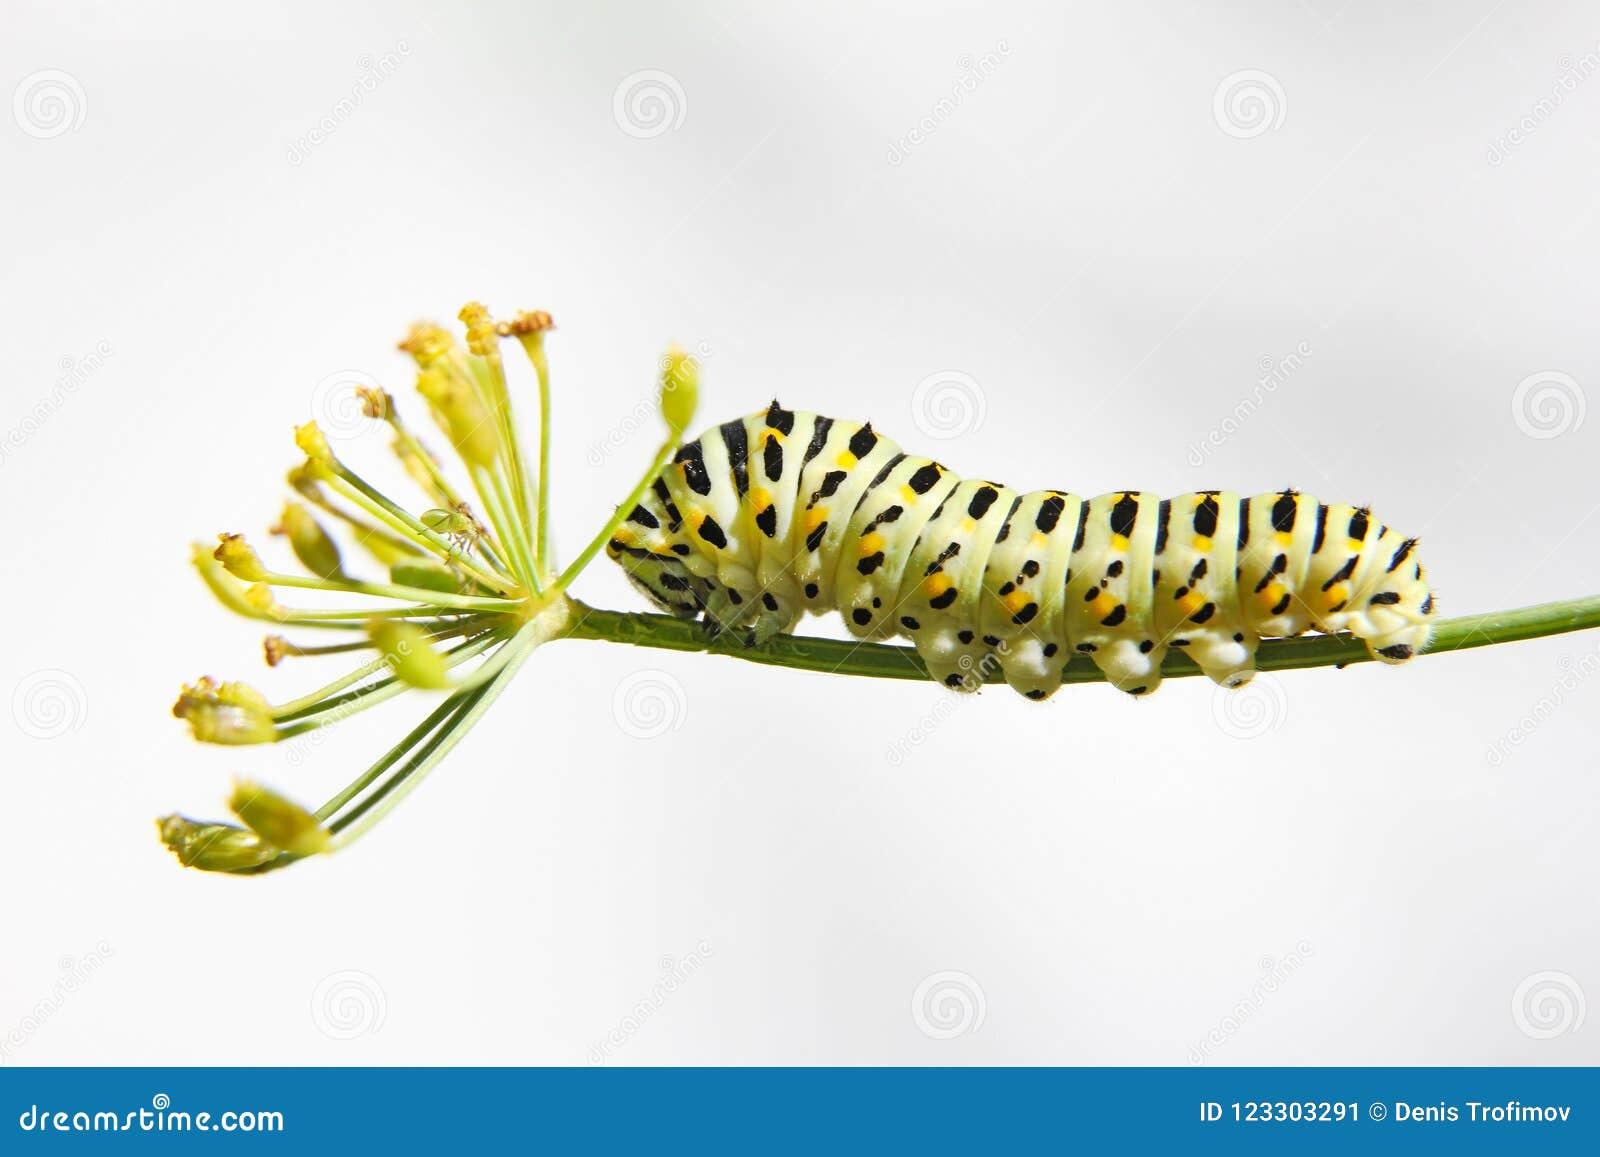 Caterpillar do swallowtail da borboleta - machaon, alimentações no aneto - erva-doce, vista lateral